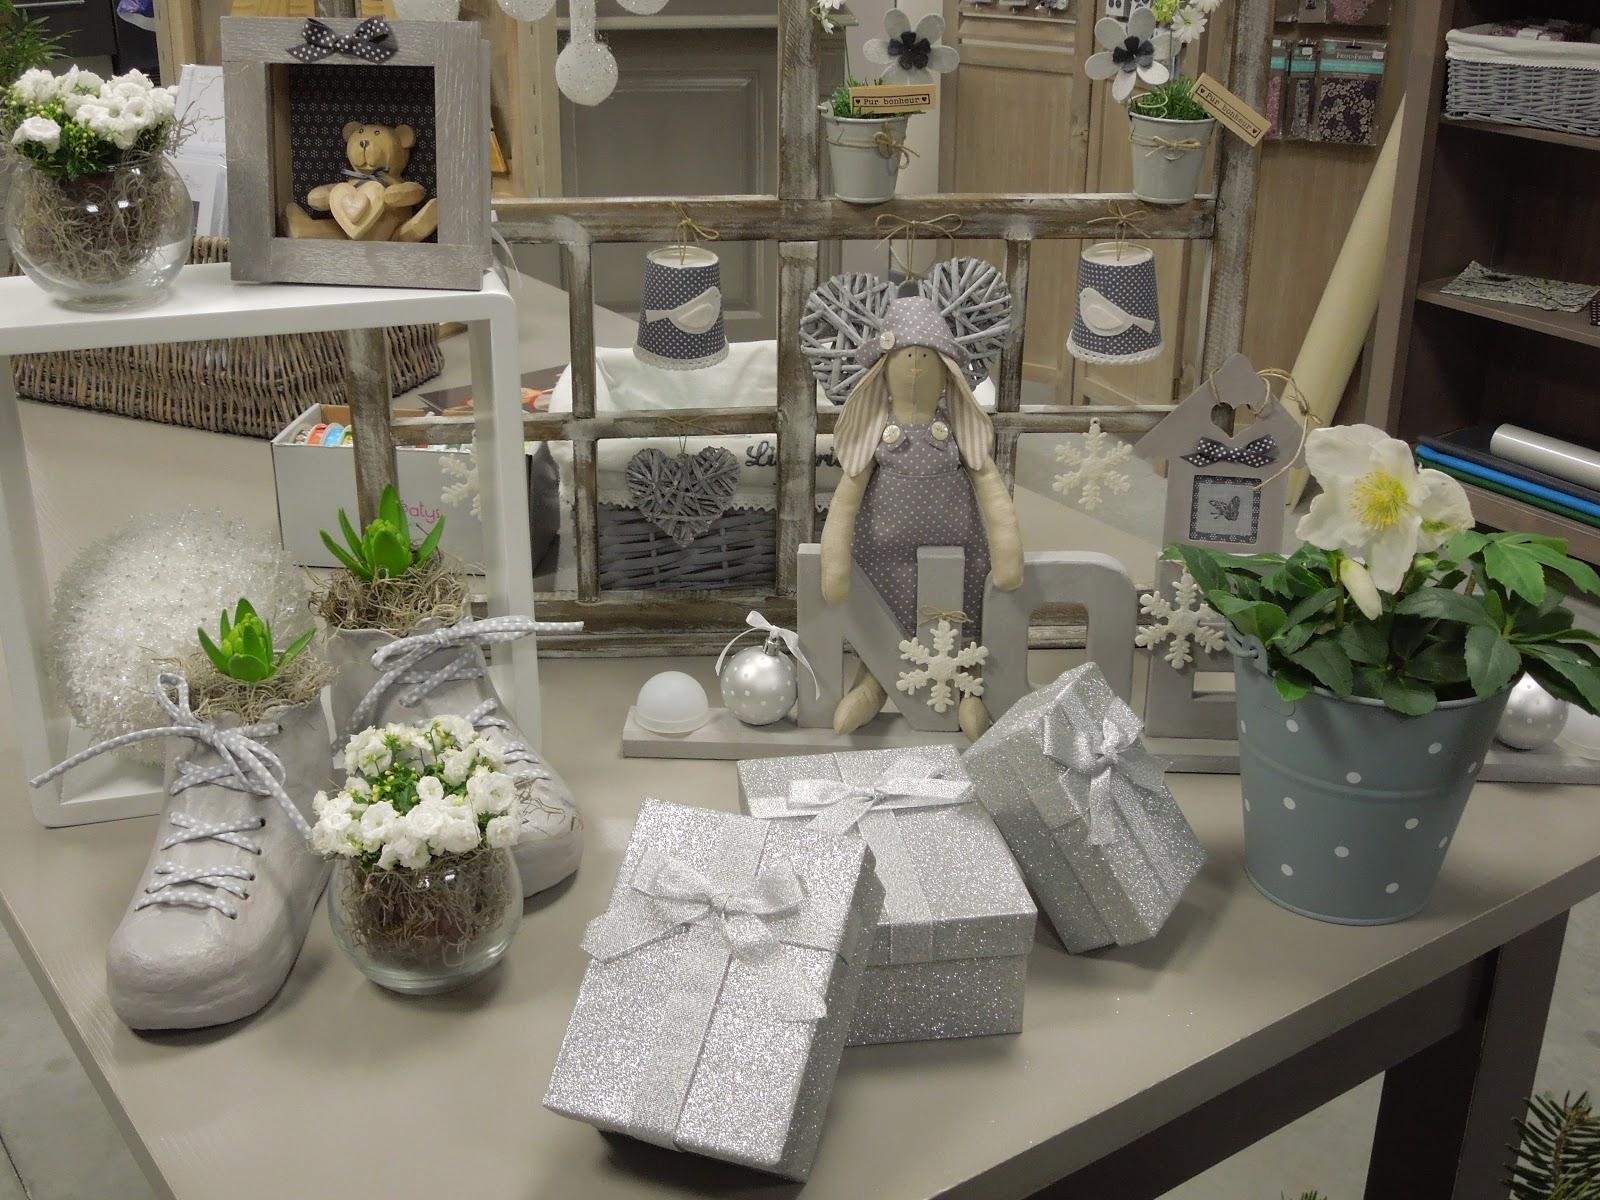 deco noel gris et blanc. Black Bedroom Furniture Sets. Home Design Ideas